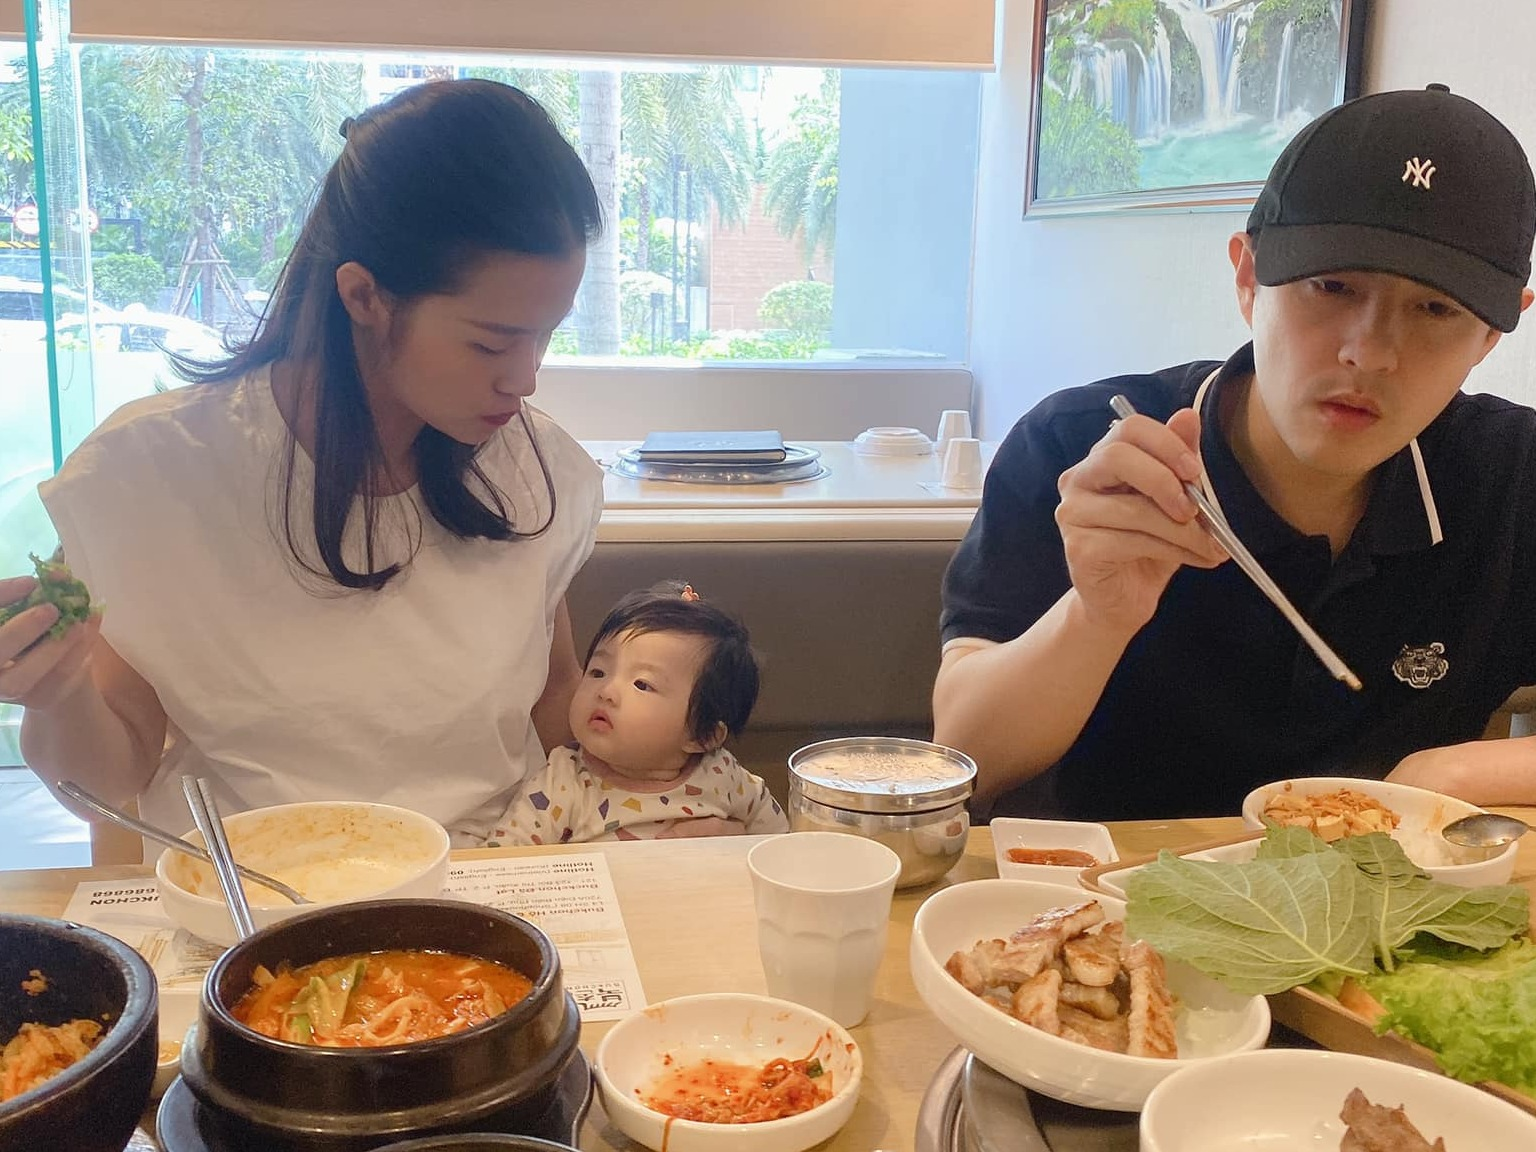 Được chồng dẫn đi ăn mà Đông Nhi 'than ngắn thở dài' vì 'có một thành viên gây mất tập trung ẩm thực quá'